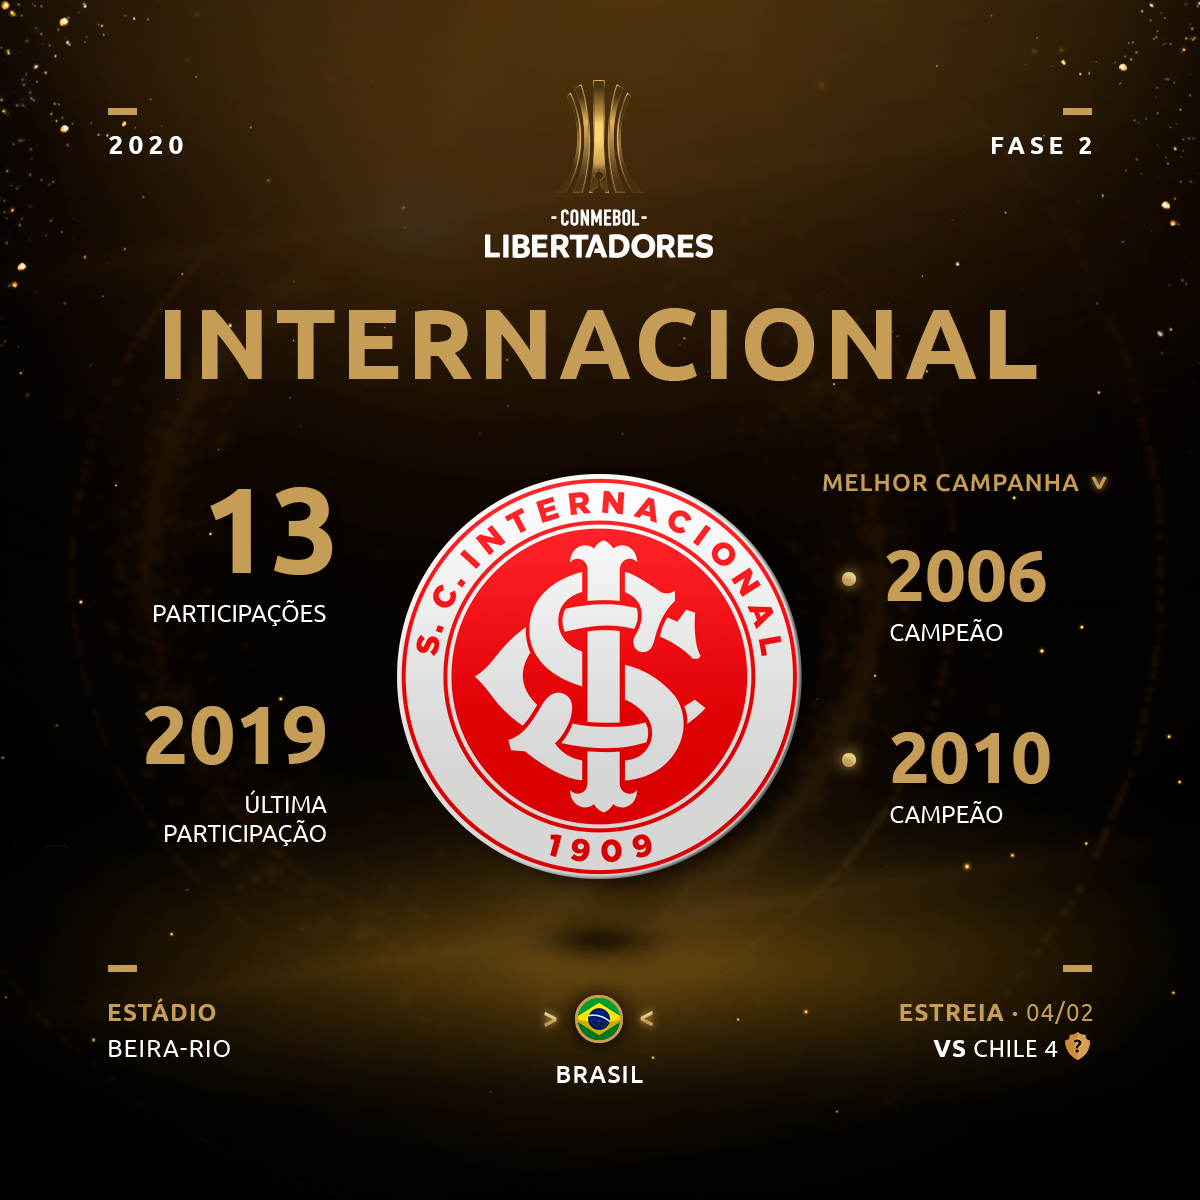 Copa Libertadores: Todas as participações do Internacional na competição | Copa Libertadores